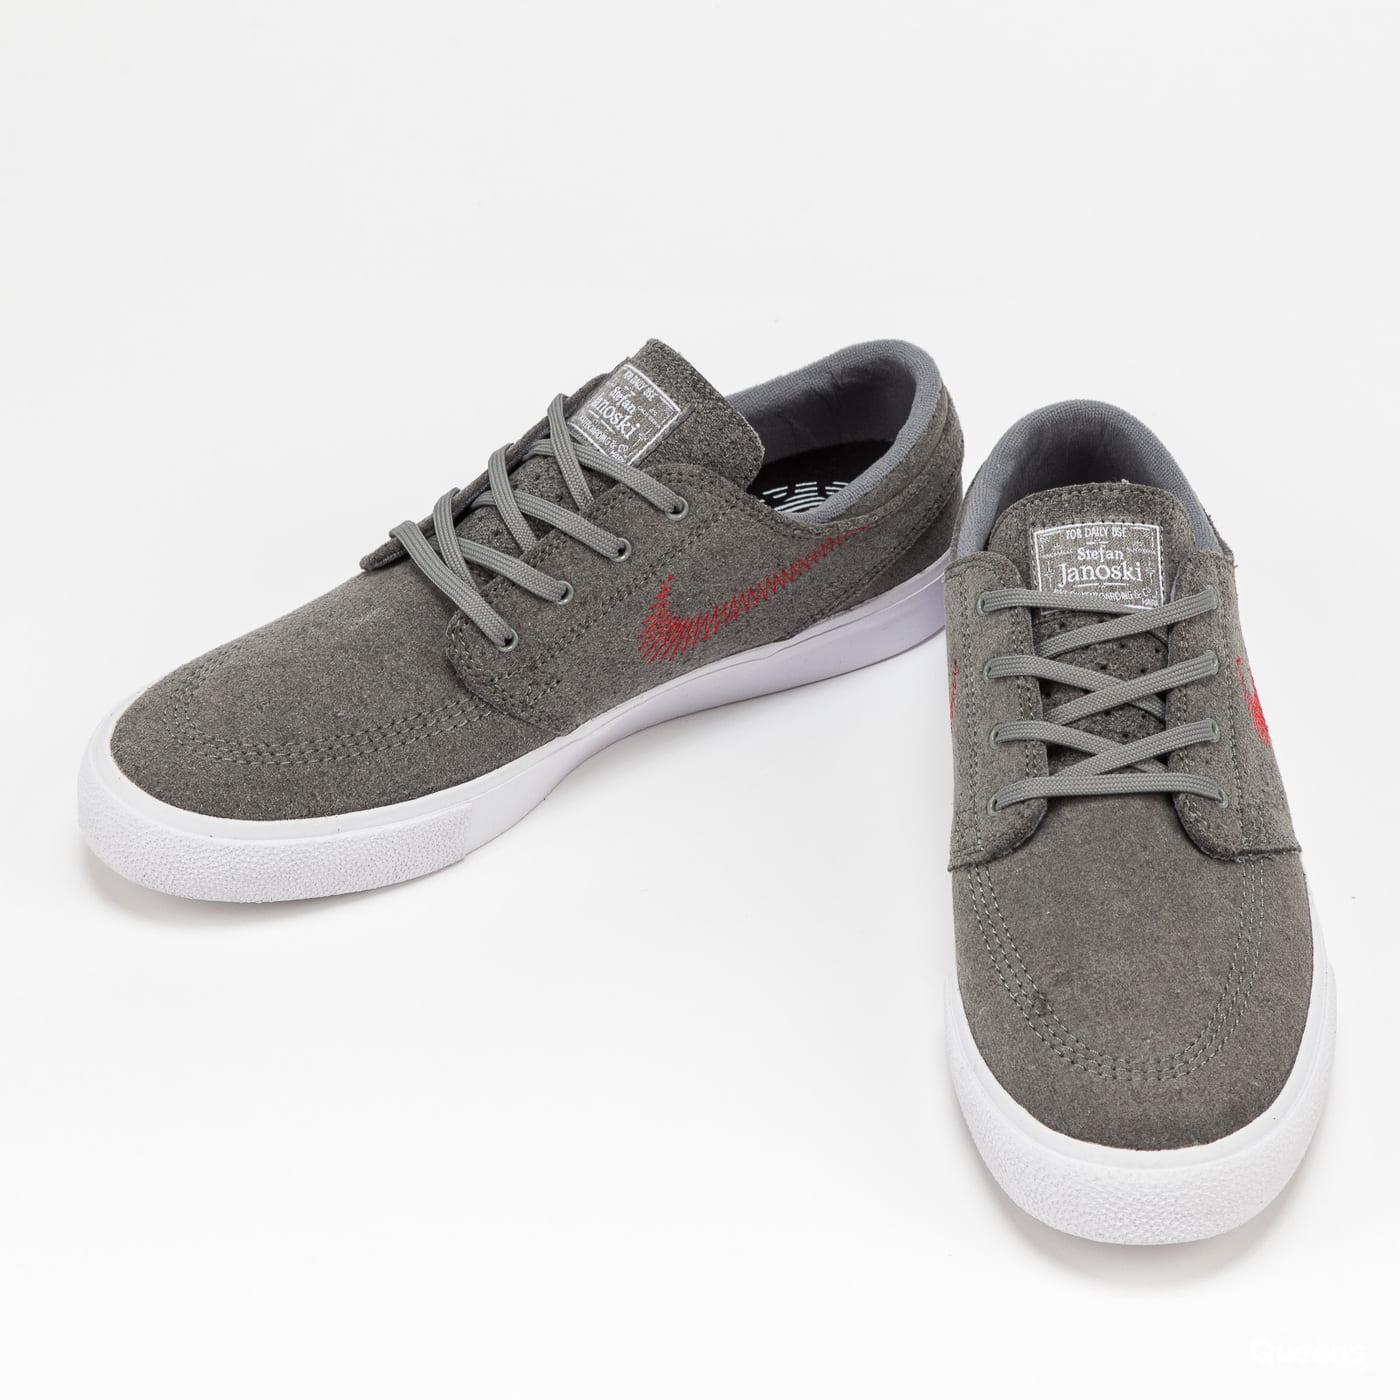 Nike Zoom Janoski Flyleather RM tumbled grey / university red